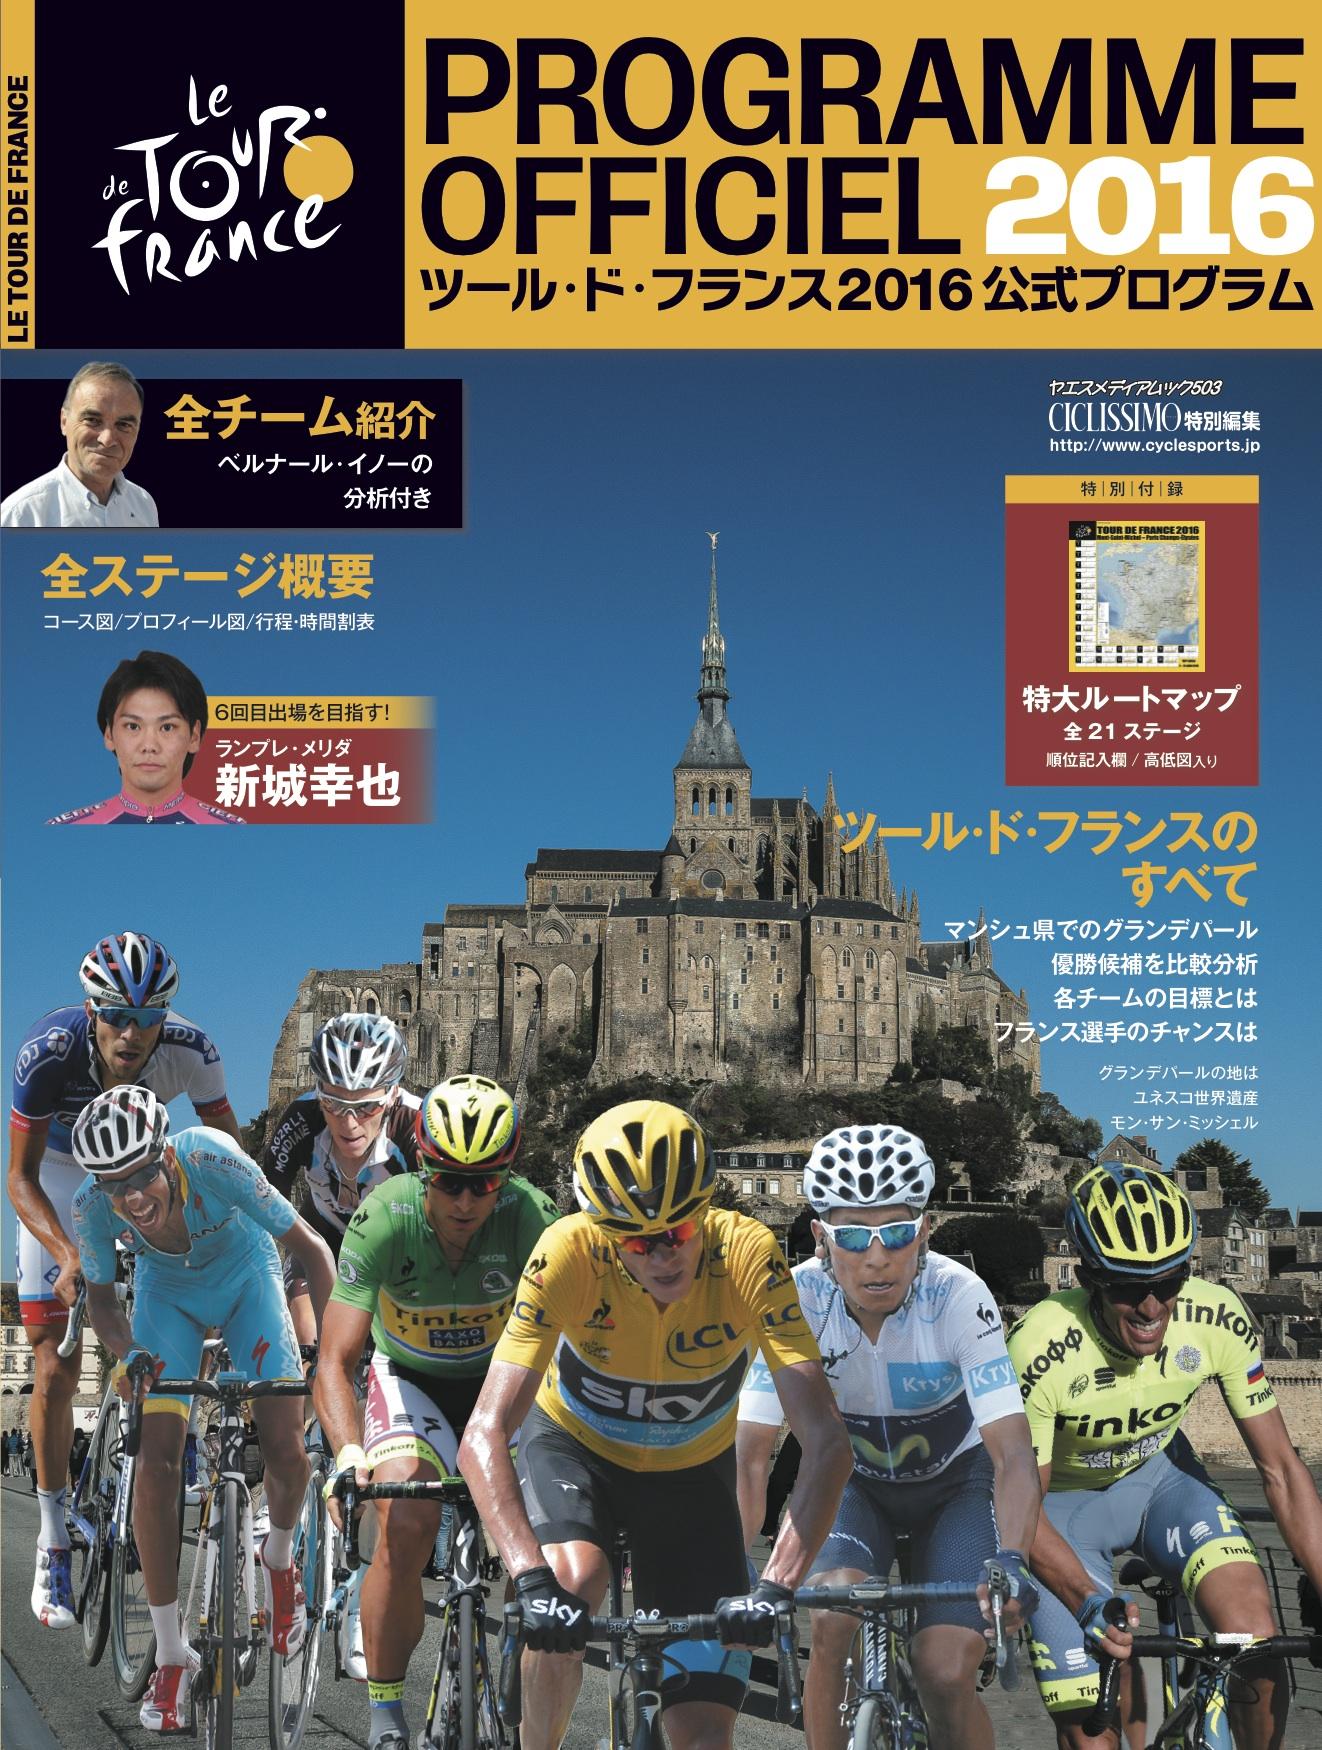 第104回ツール・ド・フランス公式プログラム、6月発売!